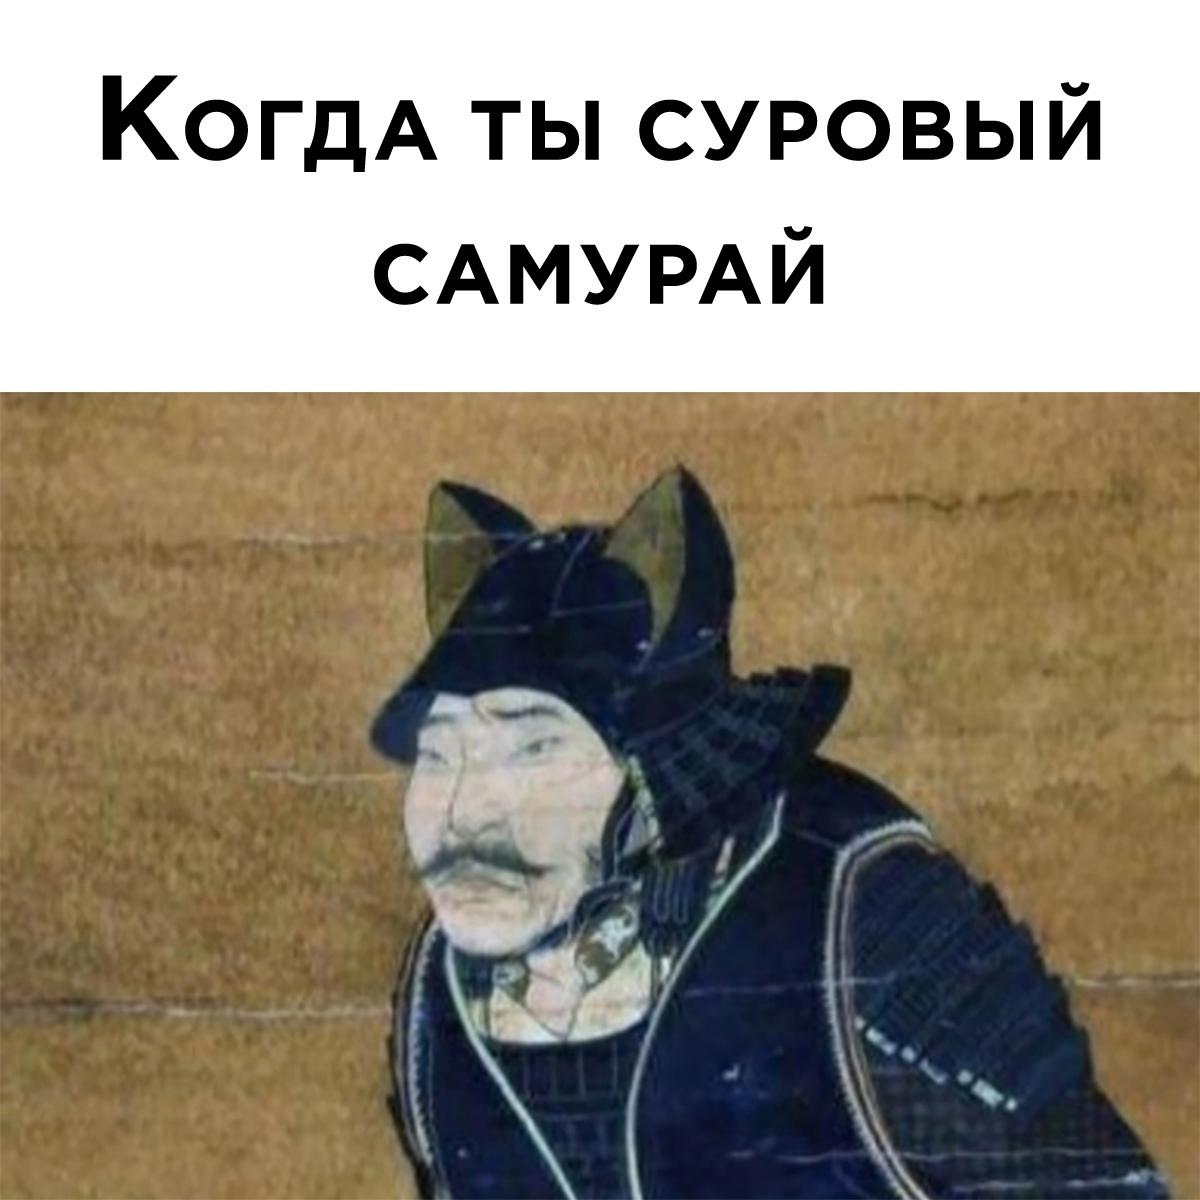 Комурай